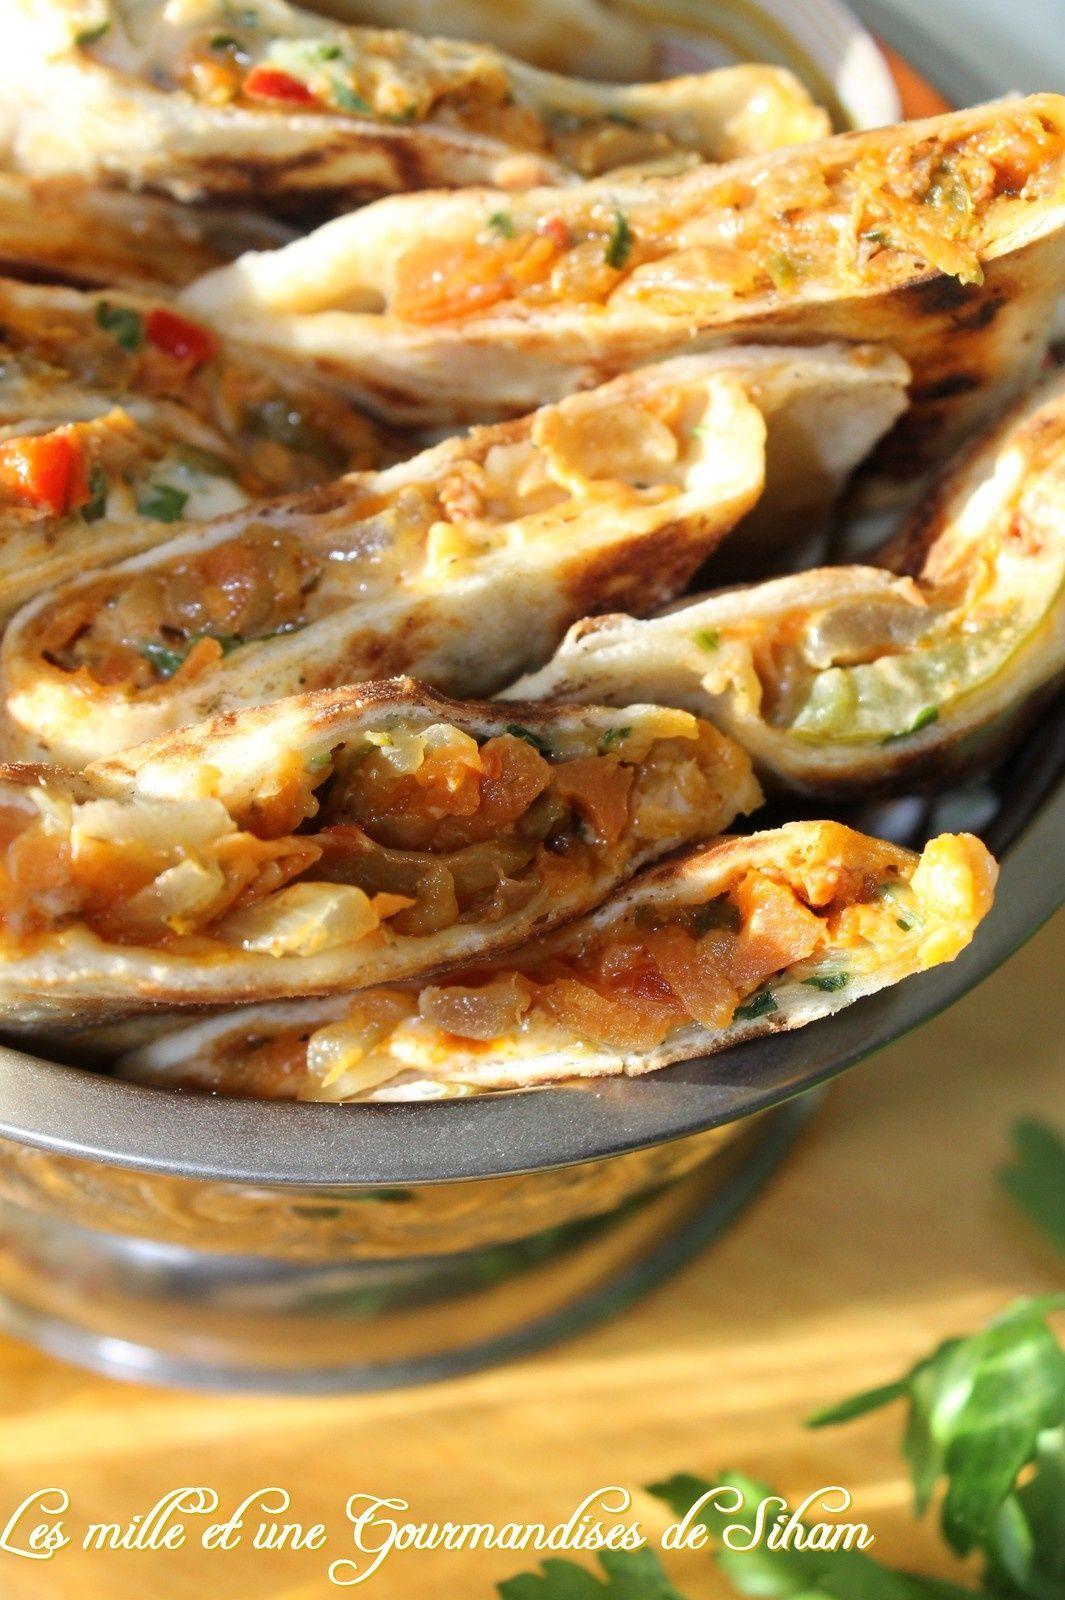 Cr pes turques recettes recettes de cuisine crepe - Recettes de cuisine turque ...